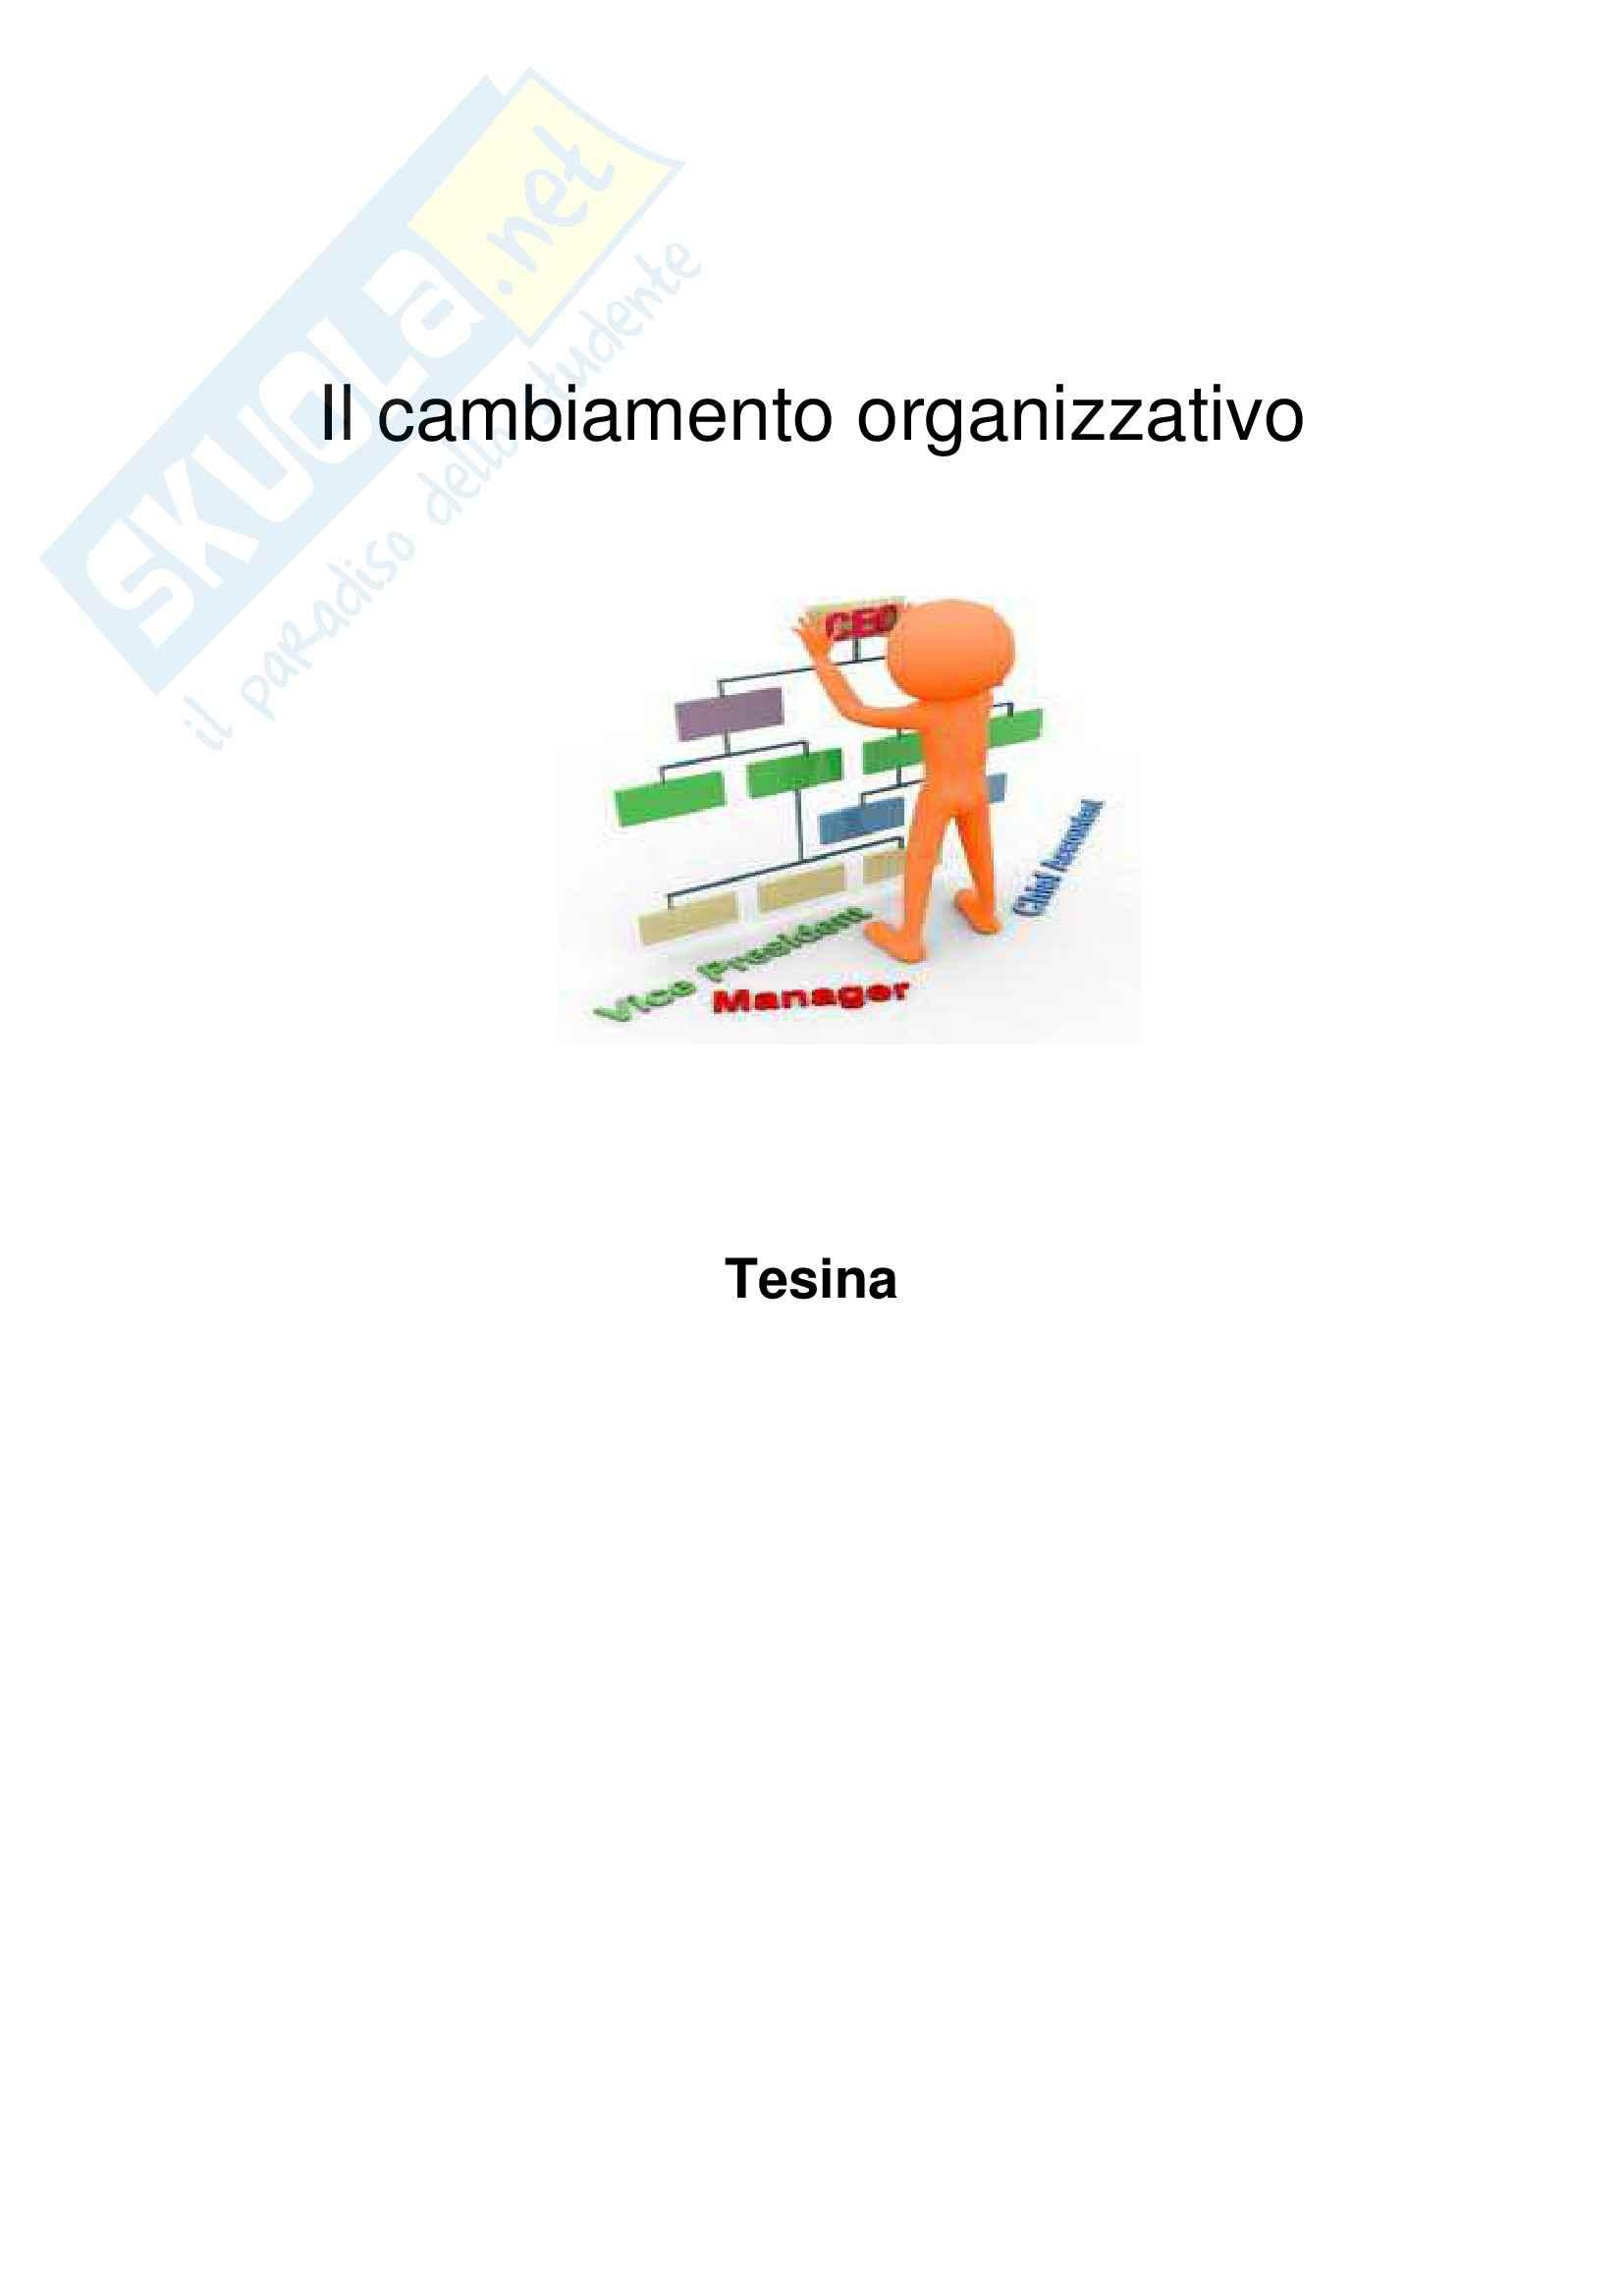 Cambiamento organizzativo - tesina sul Change Management